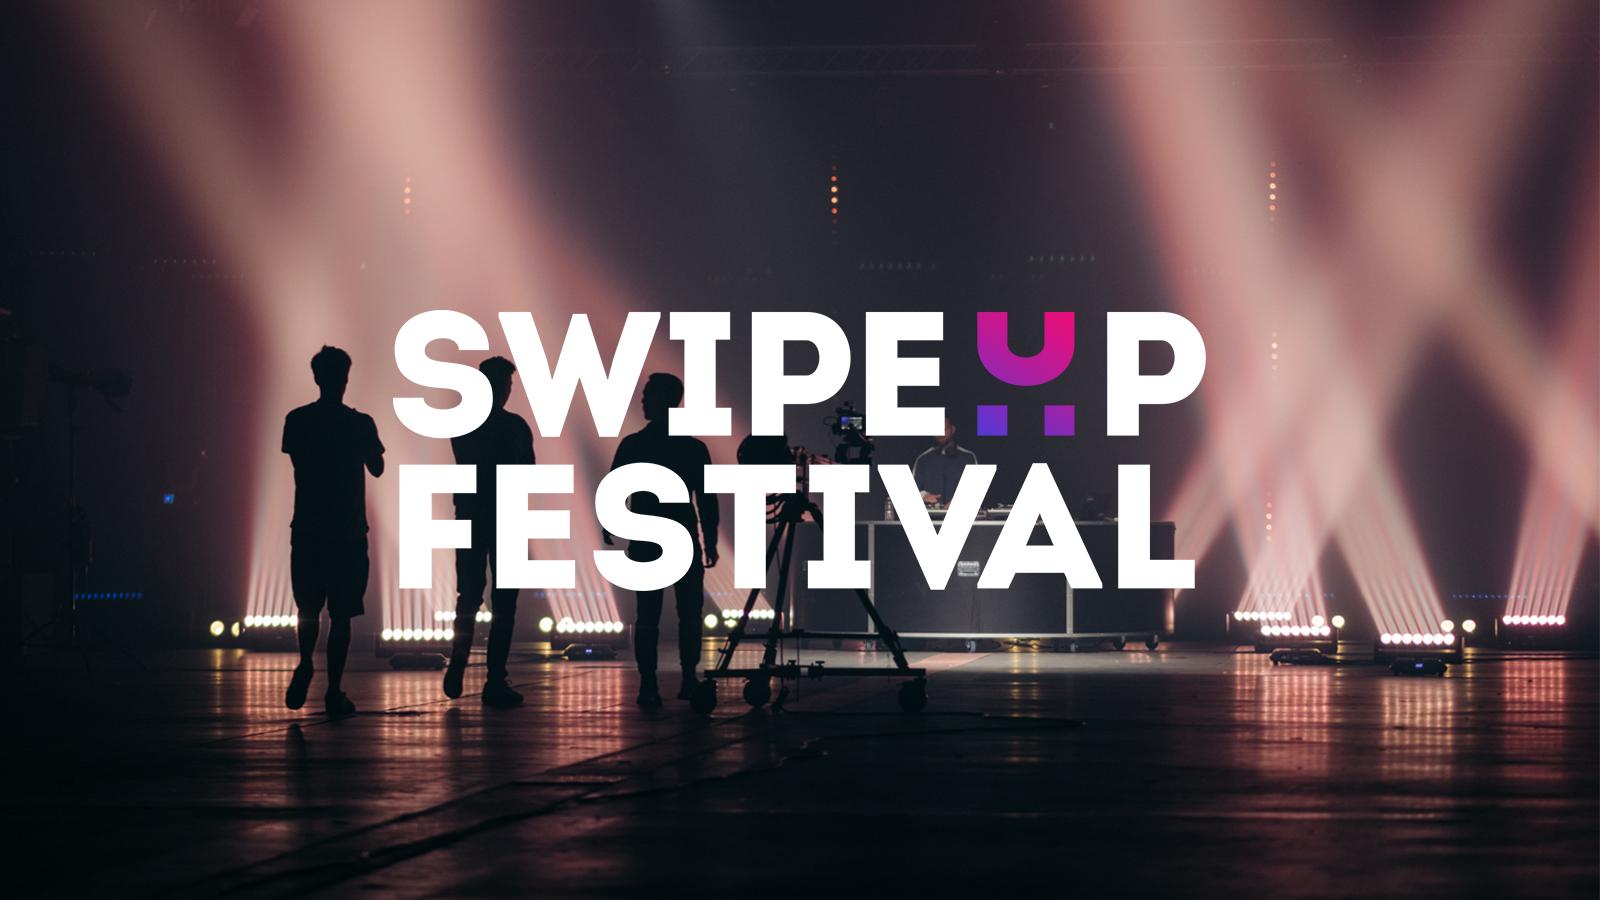 Swipe Up Festival